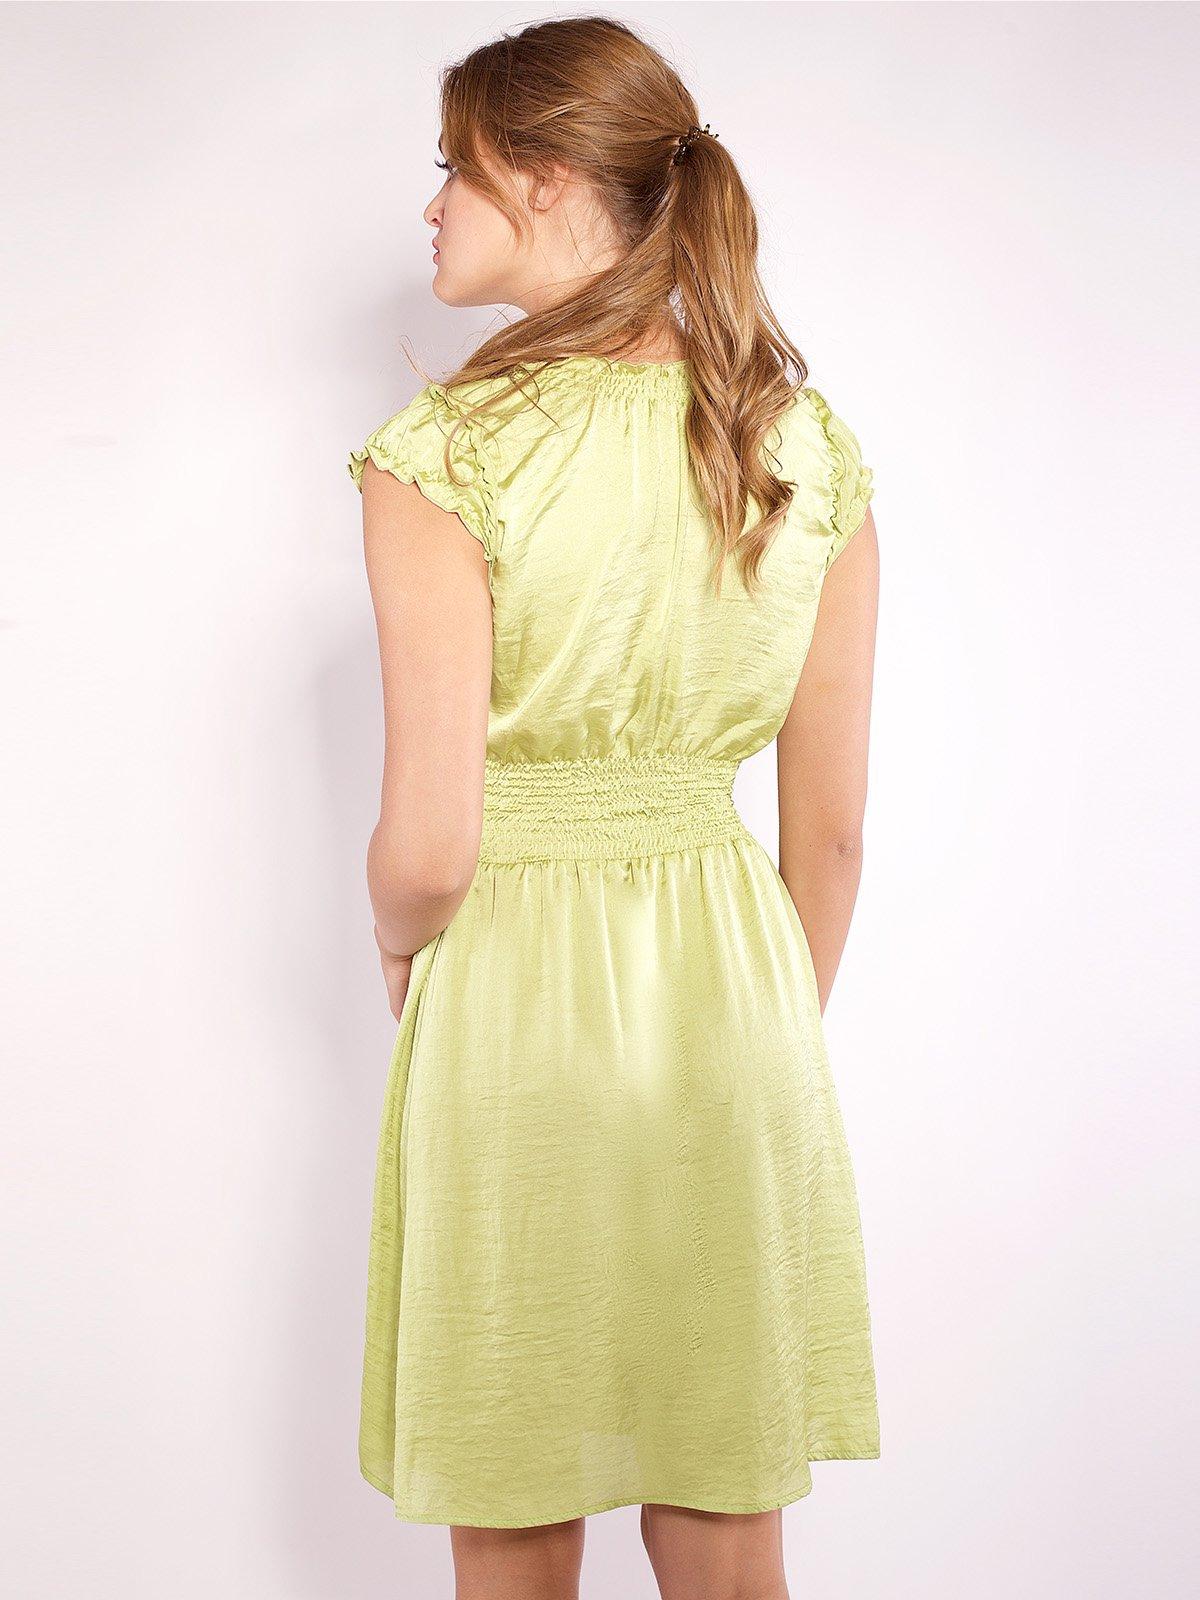 Сукня салатового кольору   2385986   фото 3